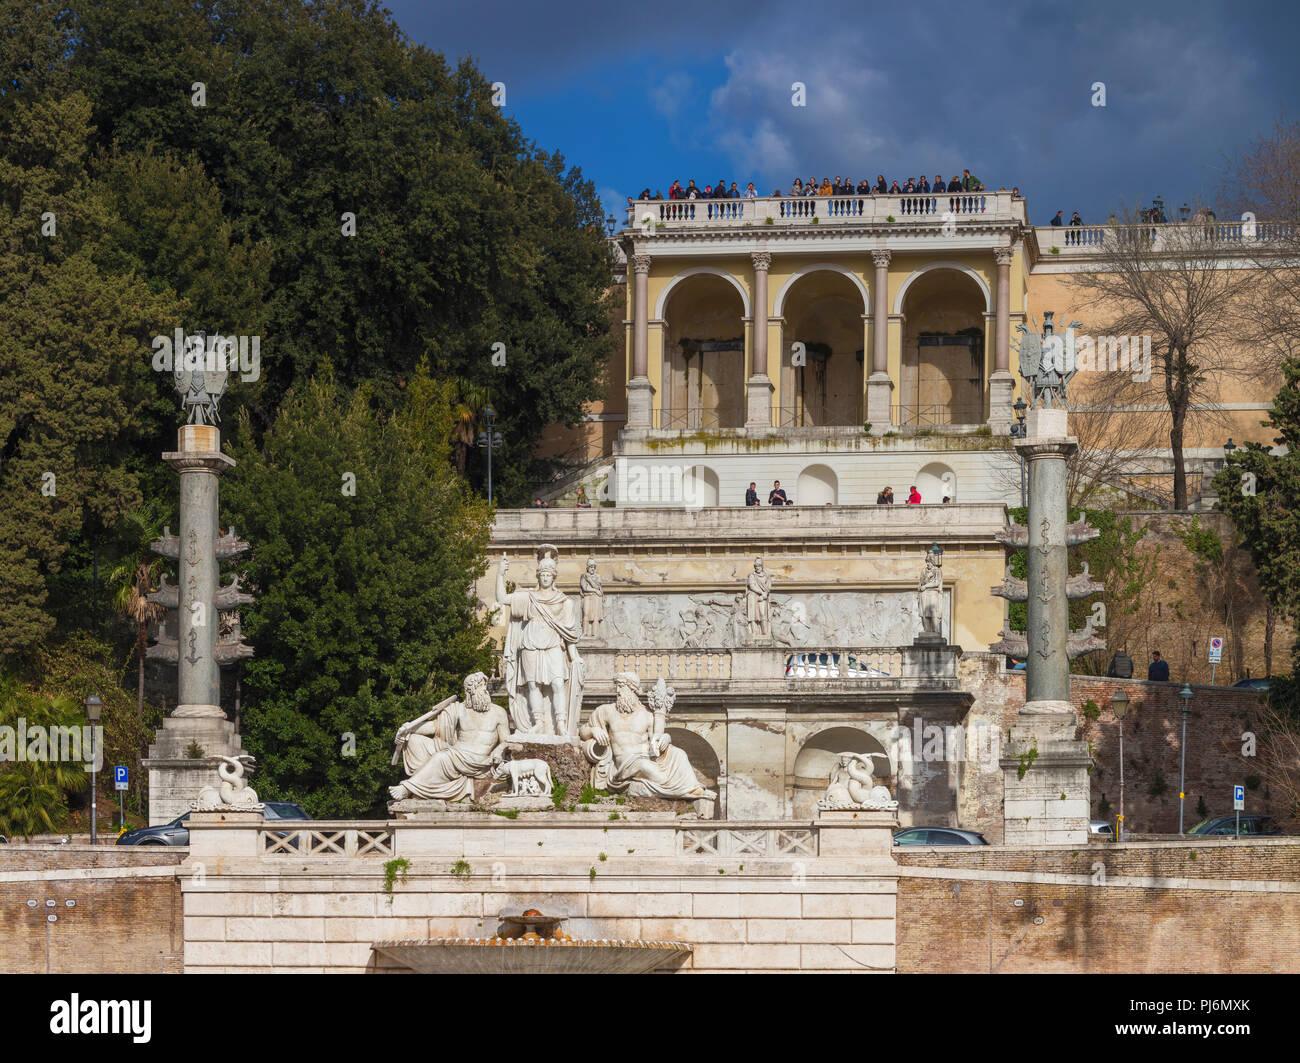 Fontana della Dea di Roma, Pincio, il Pincio, Piazza del Popolo, Roma, lazio, Italy Immagini Stock